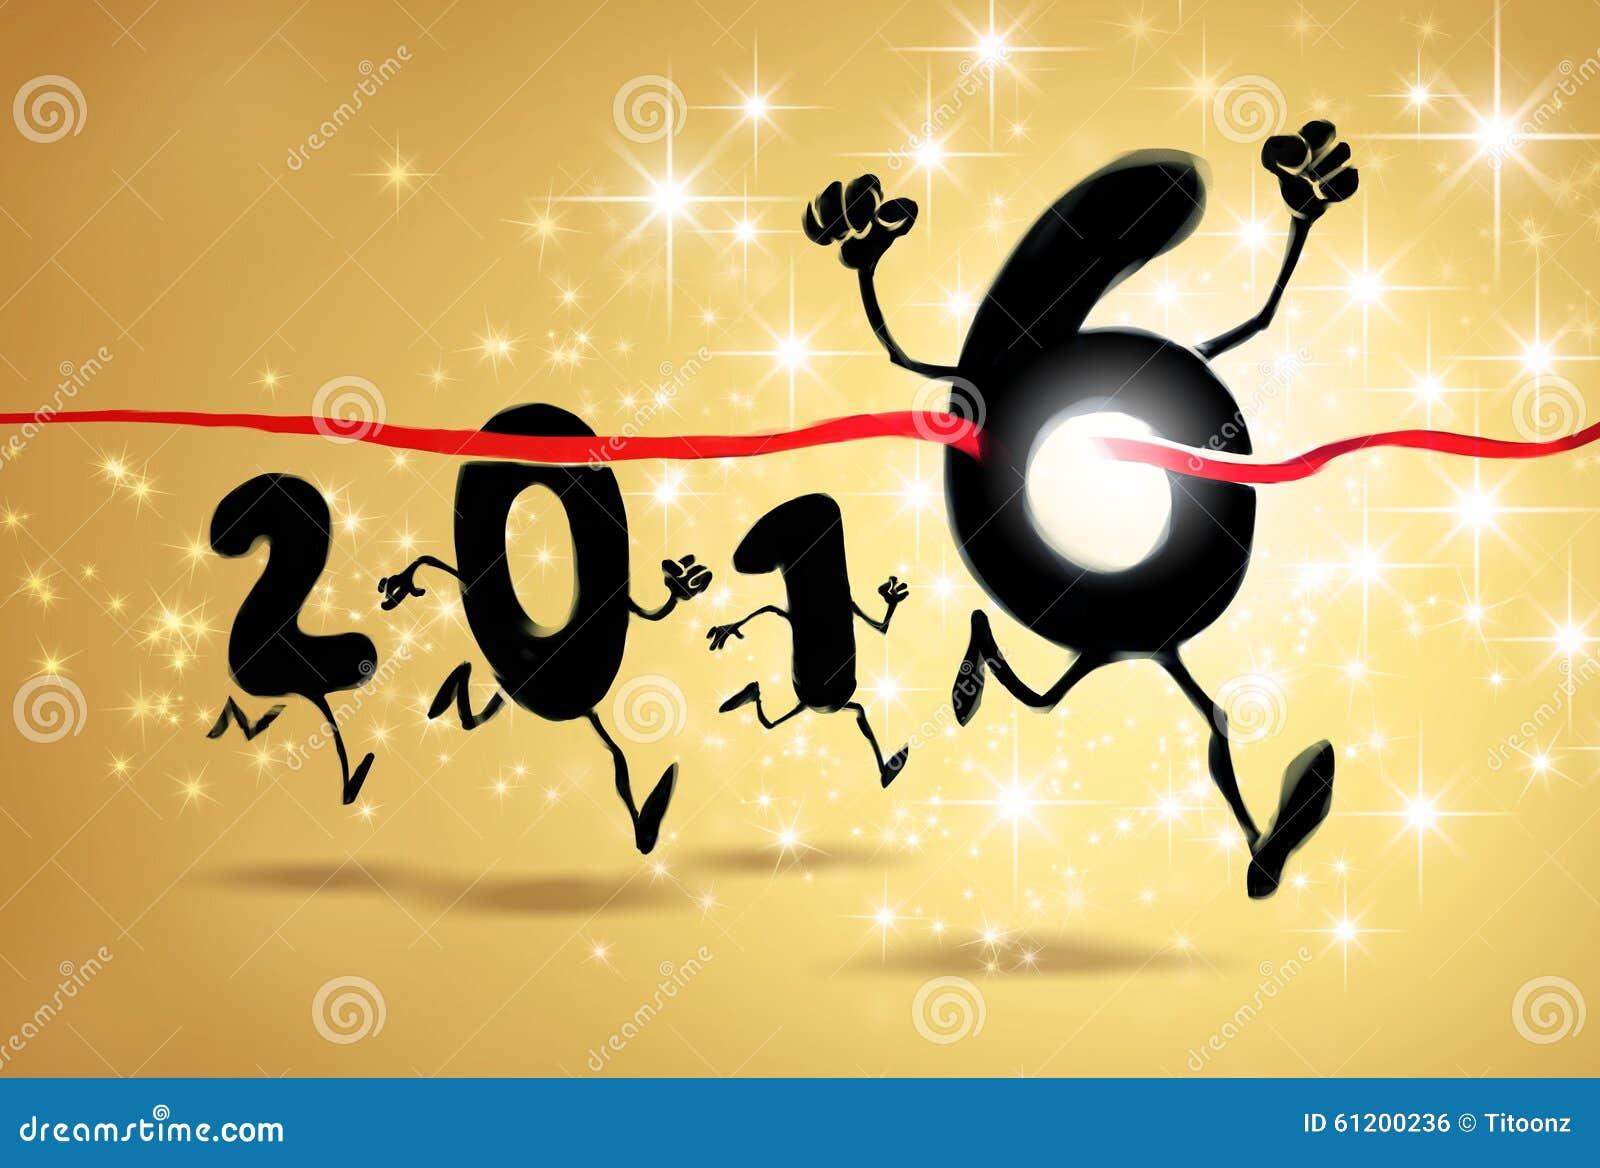 Sondage : appréciez vous les vacances du nouvel an chinois ? Page 5 Forum